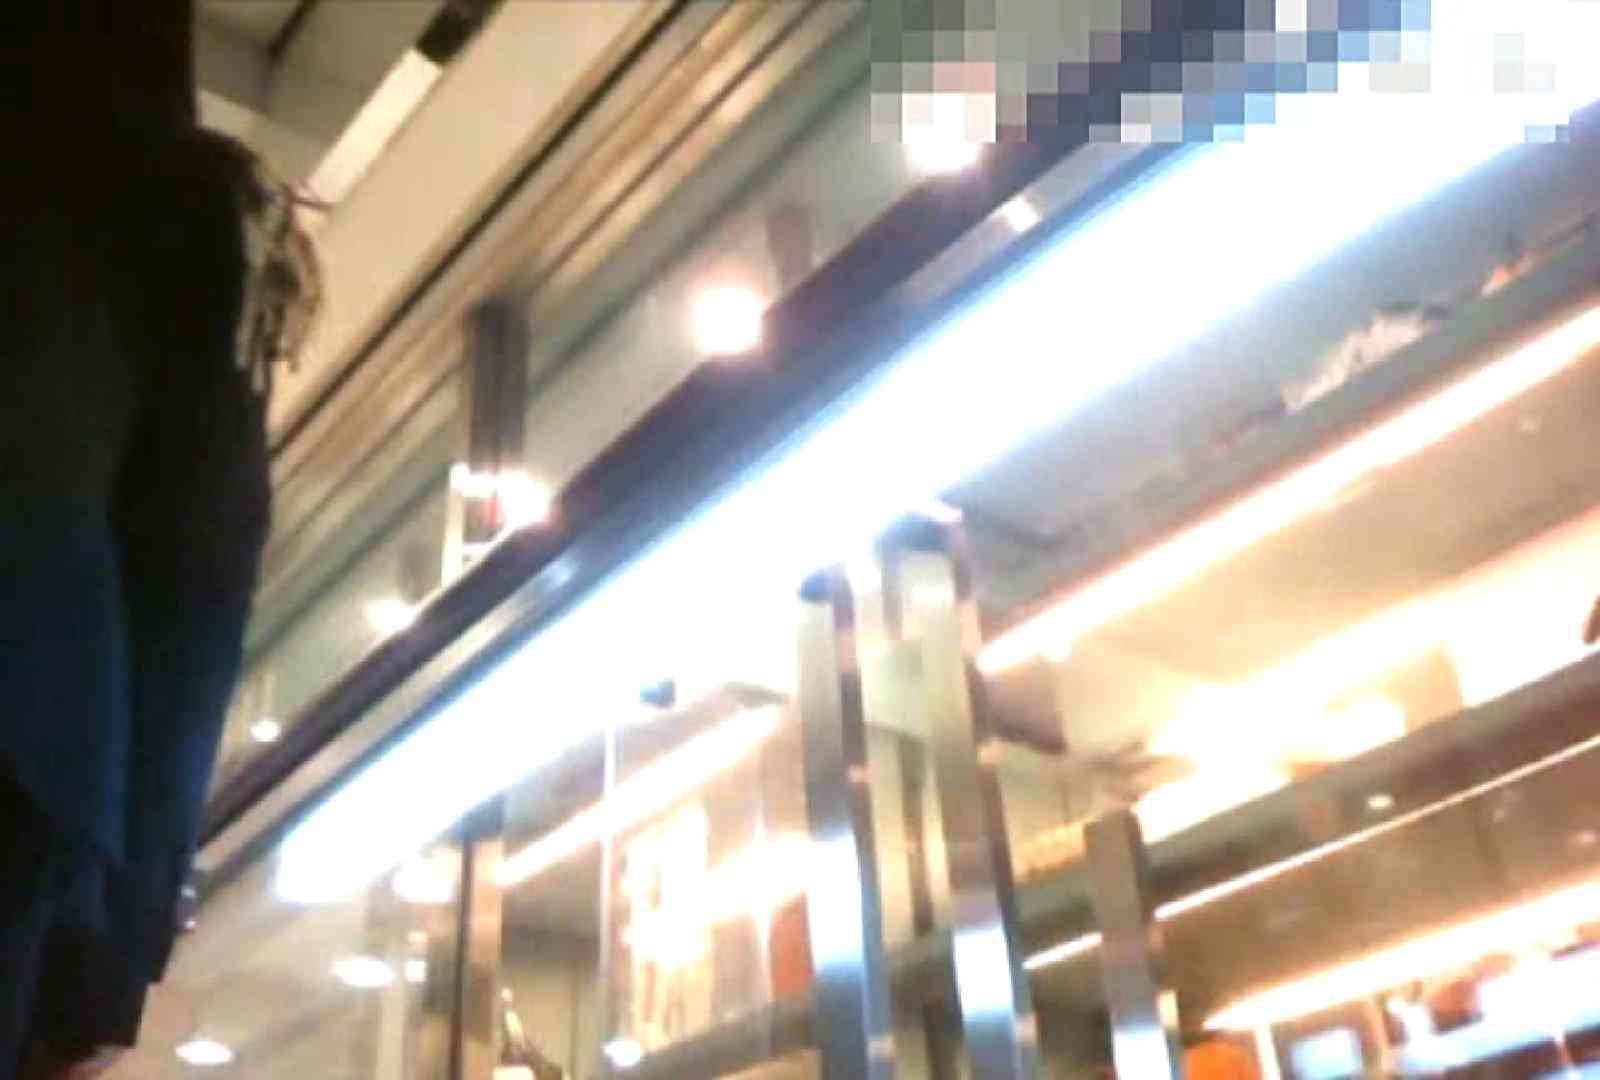 「チキン男」さんの制服ウォッチングVol.1 制服  68枚 44